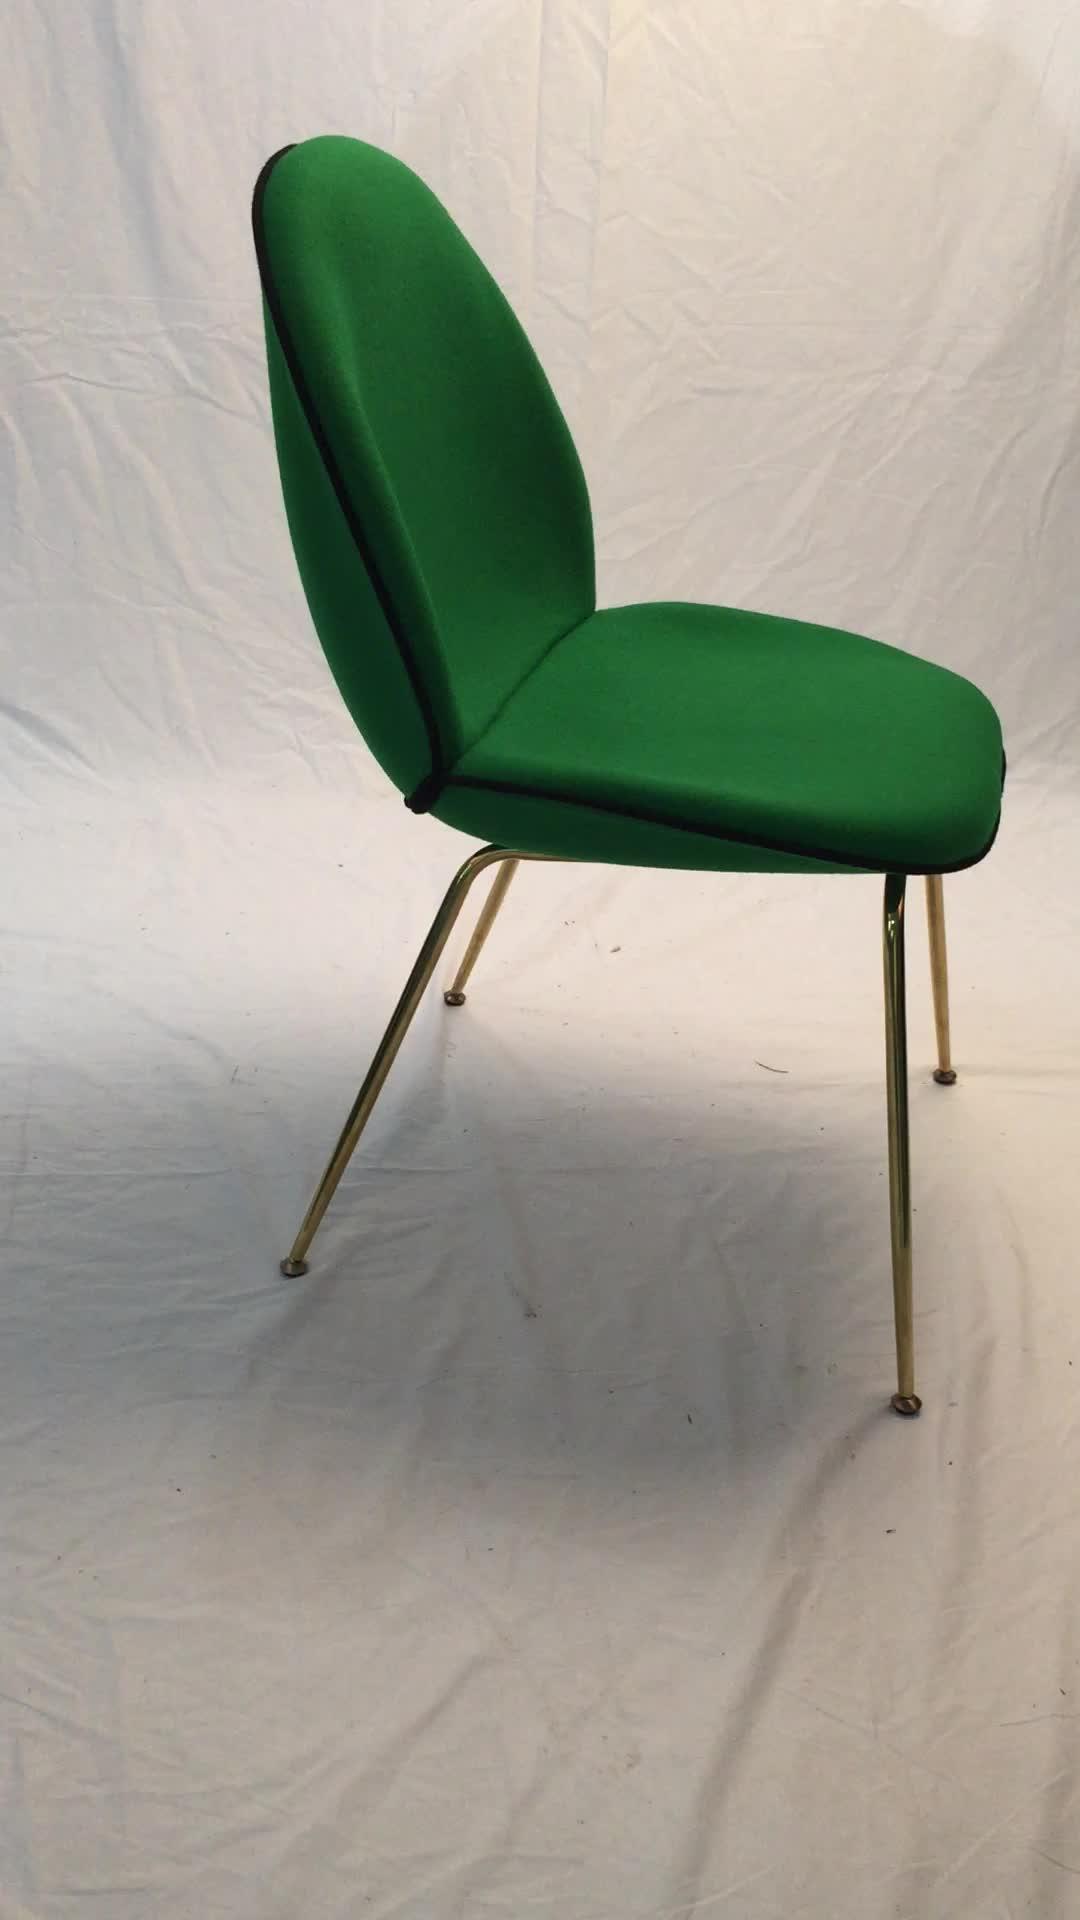 Danish Design Gold Legs Beetle Chair Gubi With Velvet